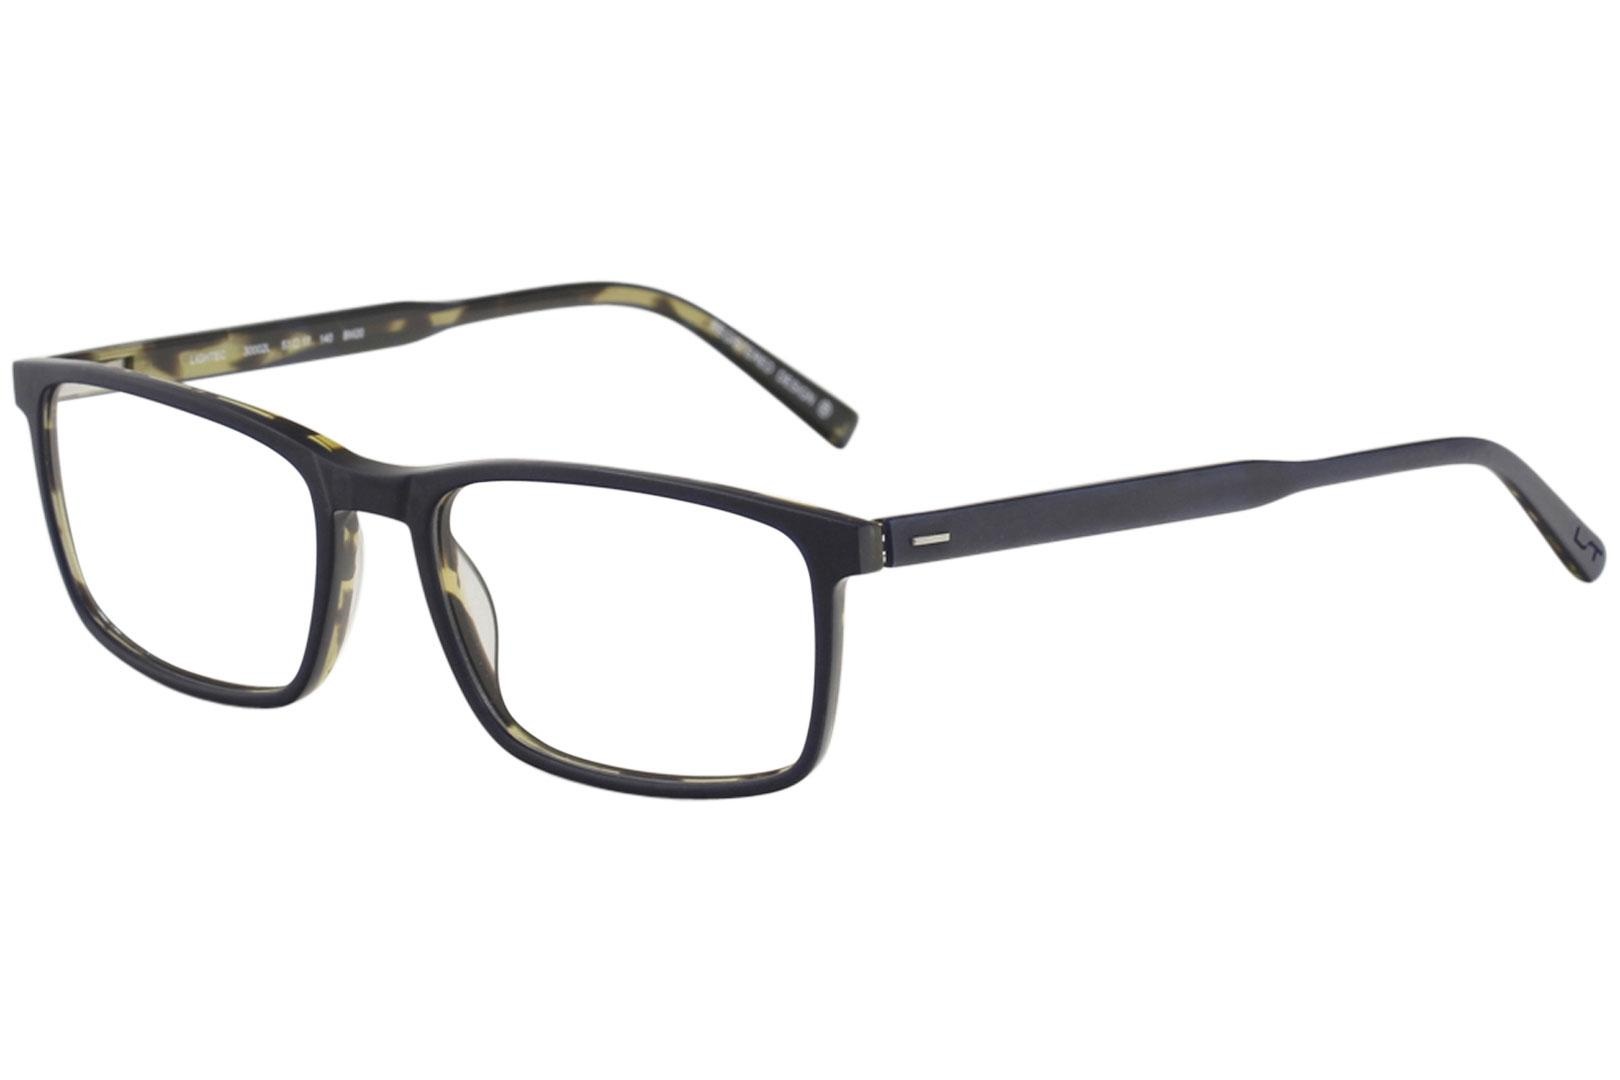 Image of Morel Men's Eyeglasses Lightec 30002L 30002/L Full Rim Optical Frame - Blue   BM20 - Lens 53 Bridge 17 Temple 140mm